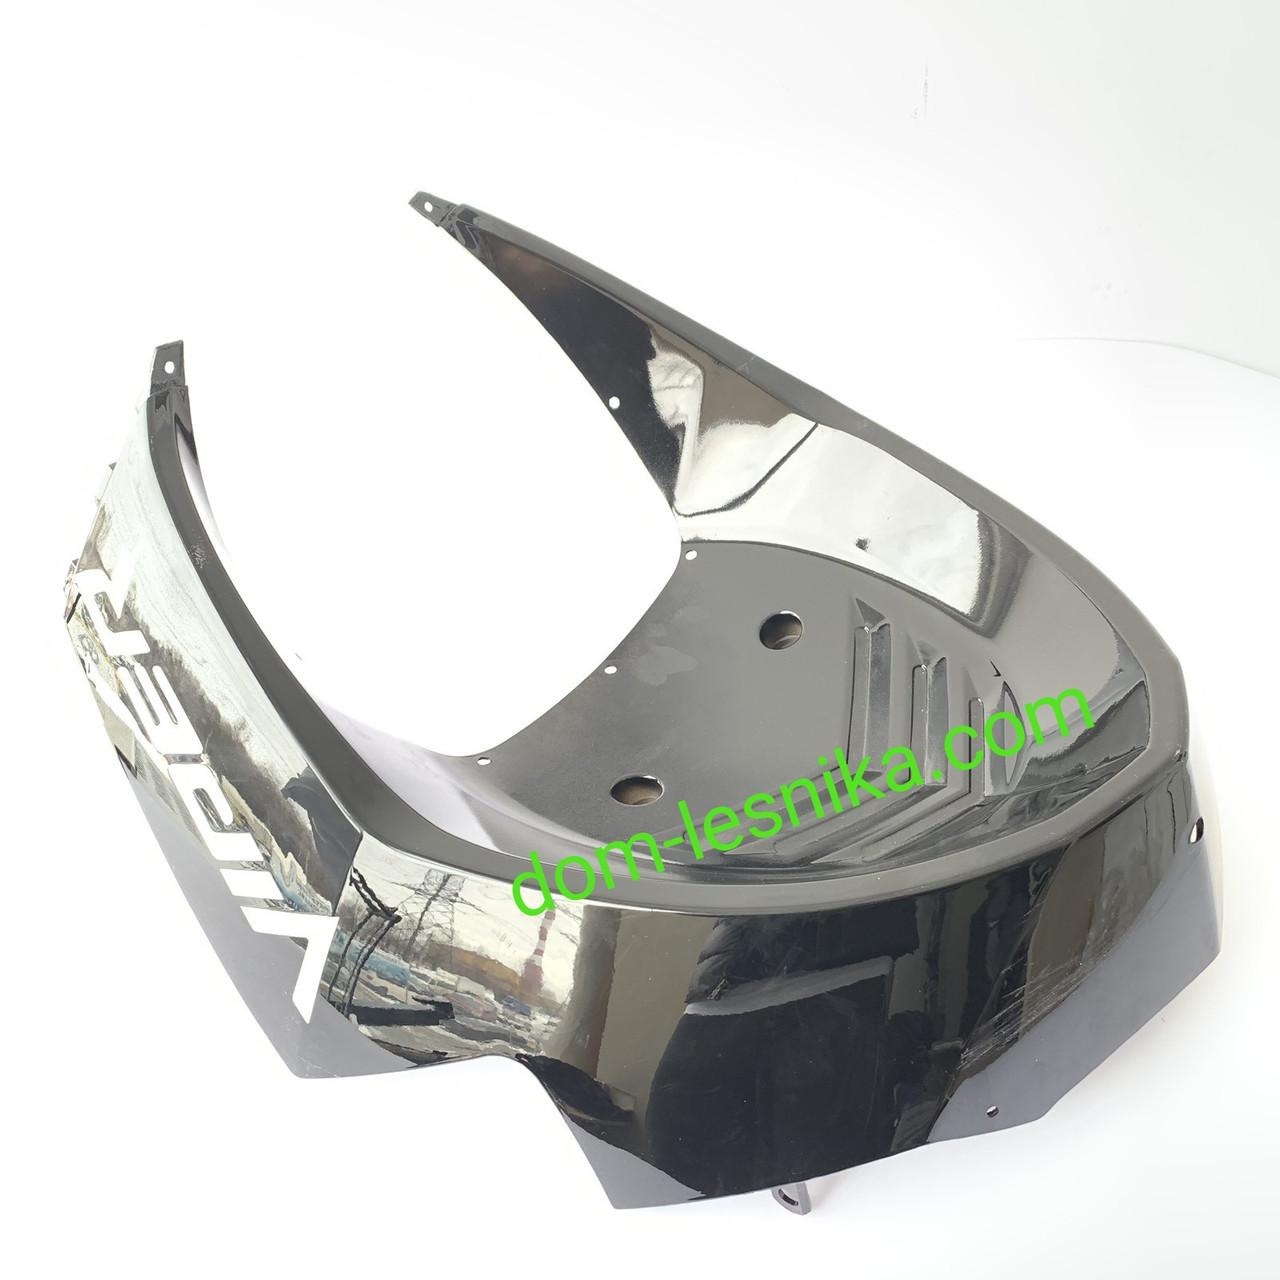 Пластик нижняя часть подклювника для китайского скутера Viper Matrix 50/150 куб